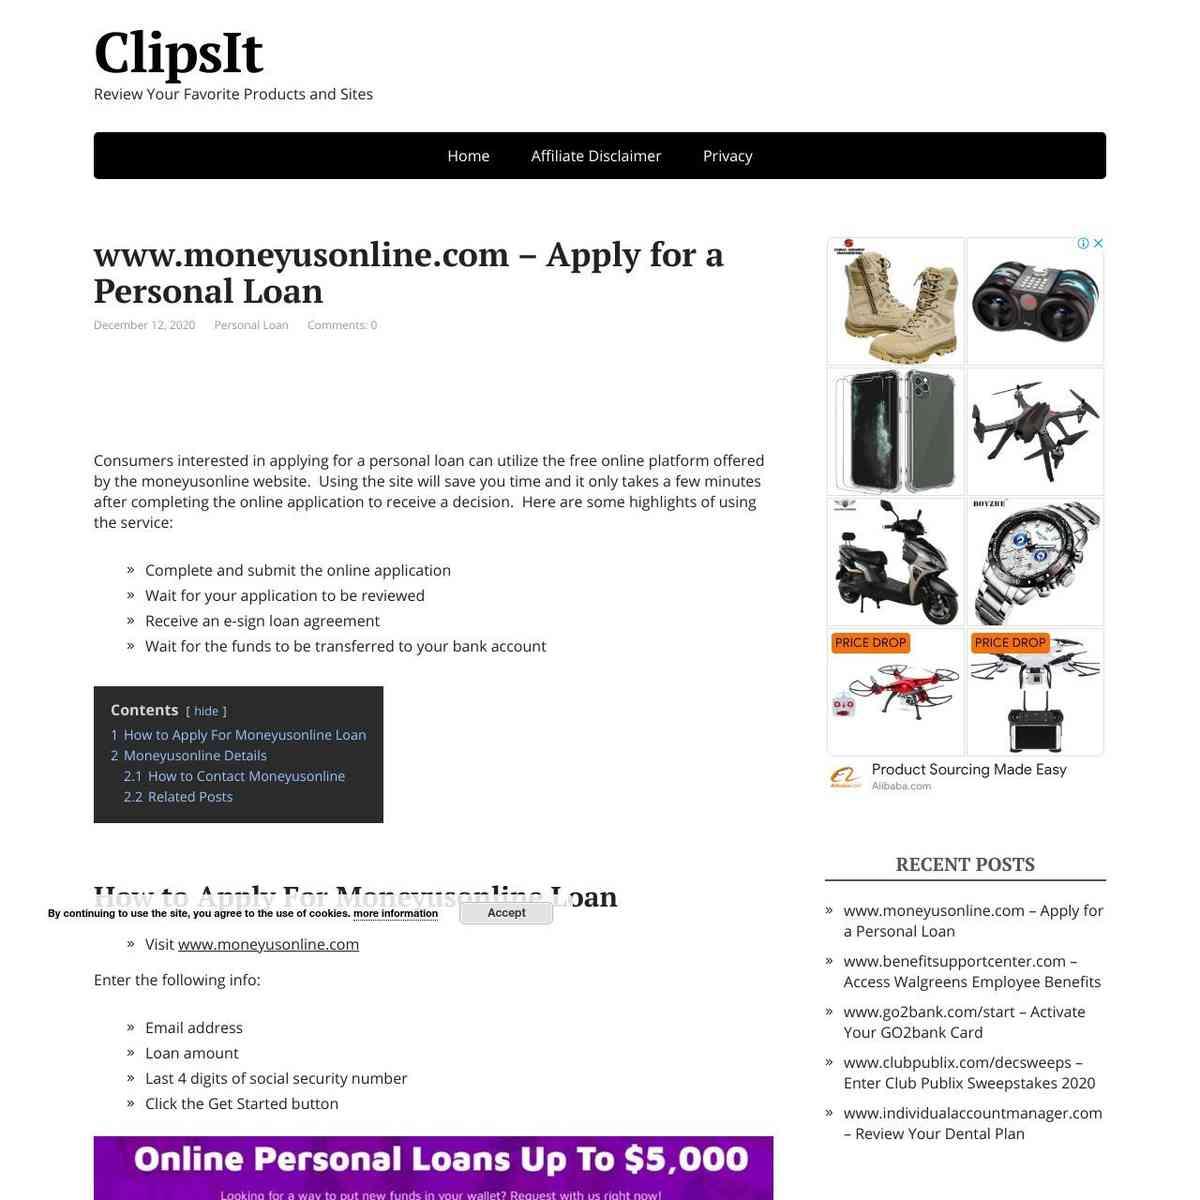 Moneyusonline apply for a personal loan